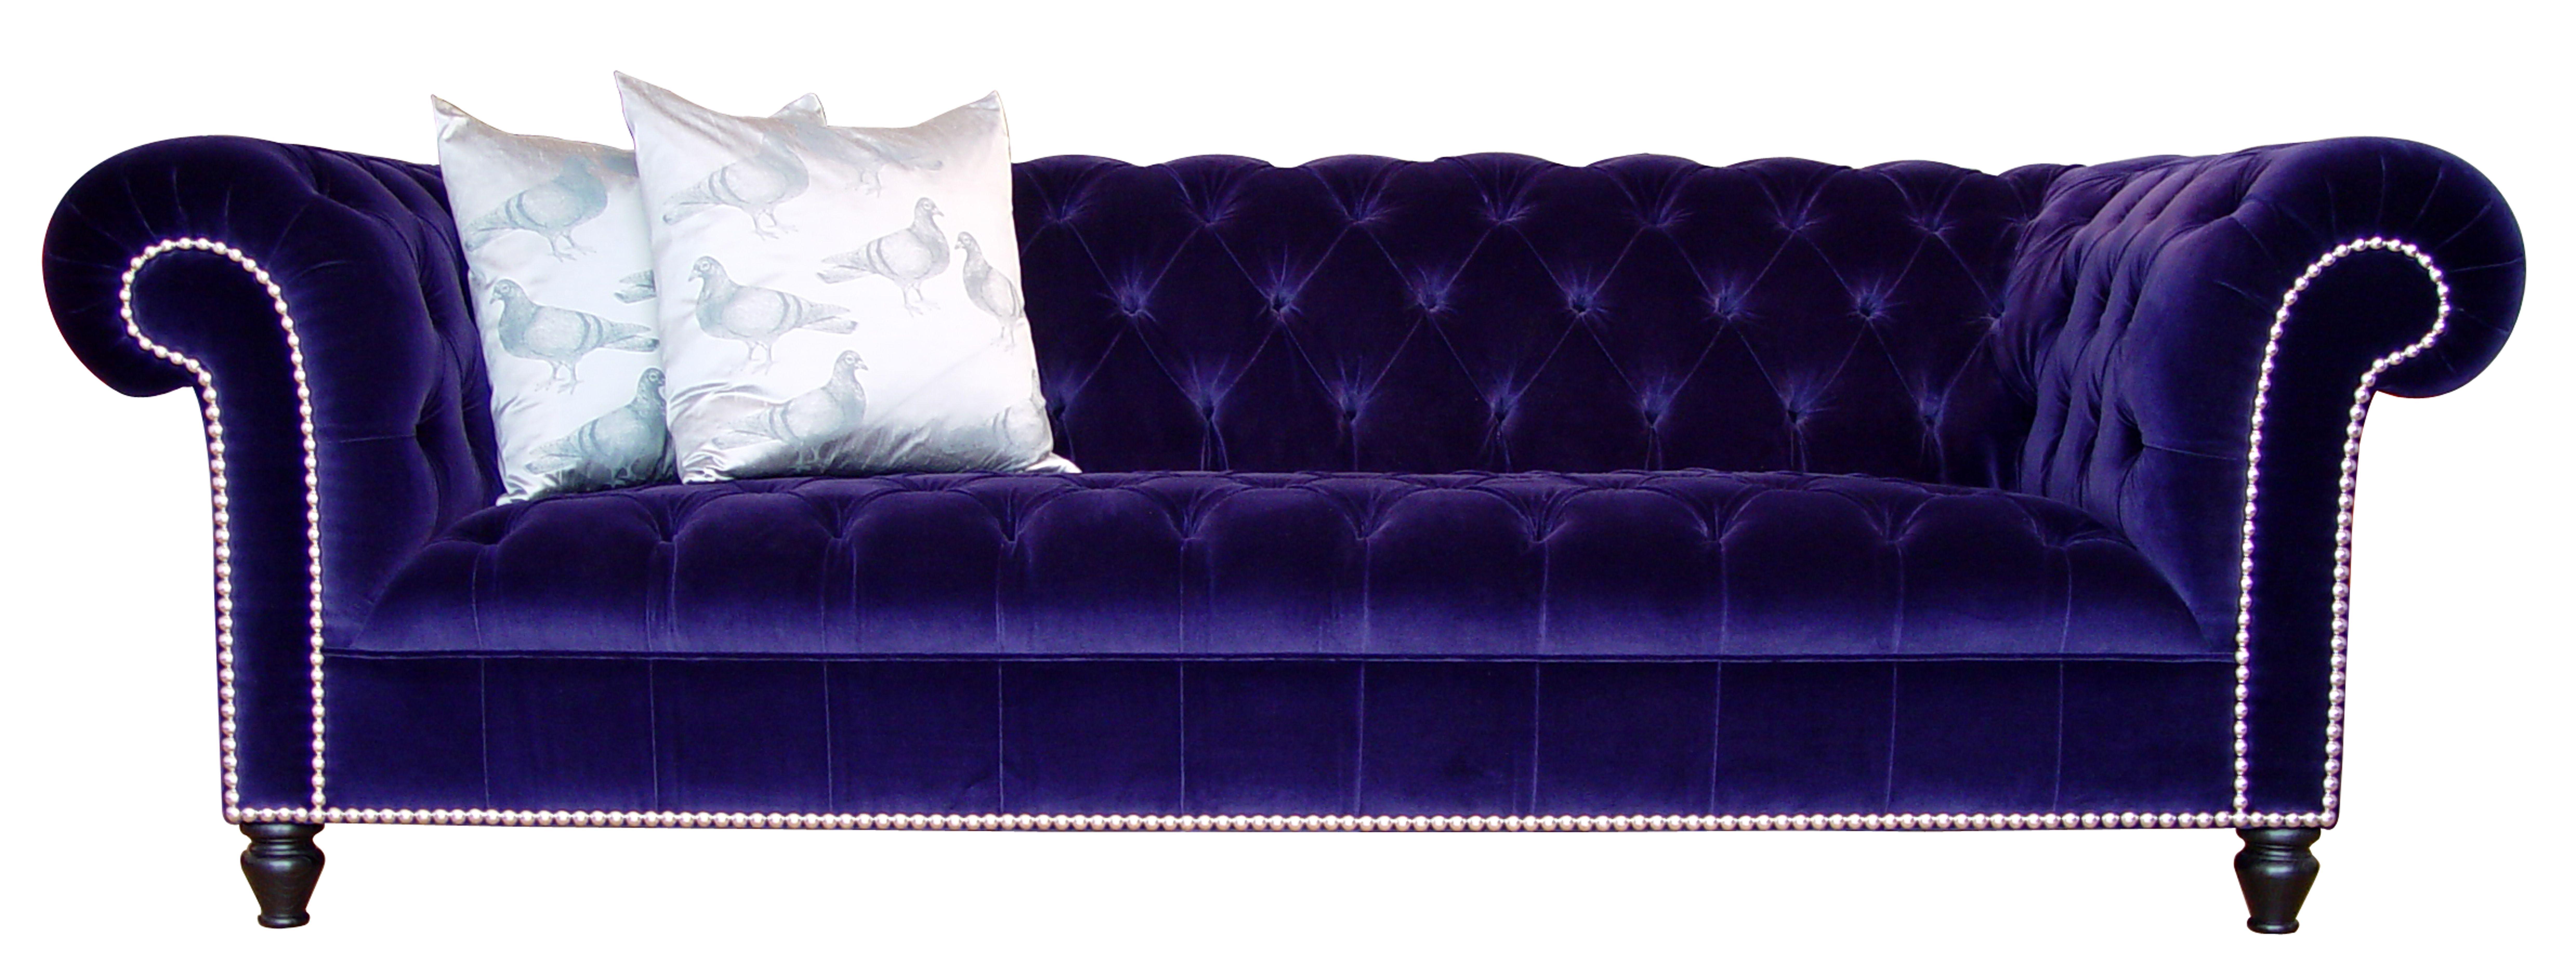 Design Classics 20 The Chesterfield Sofa